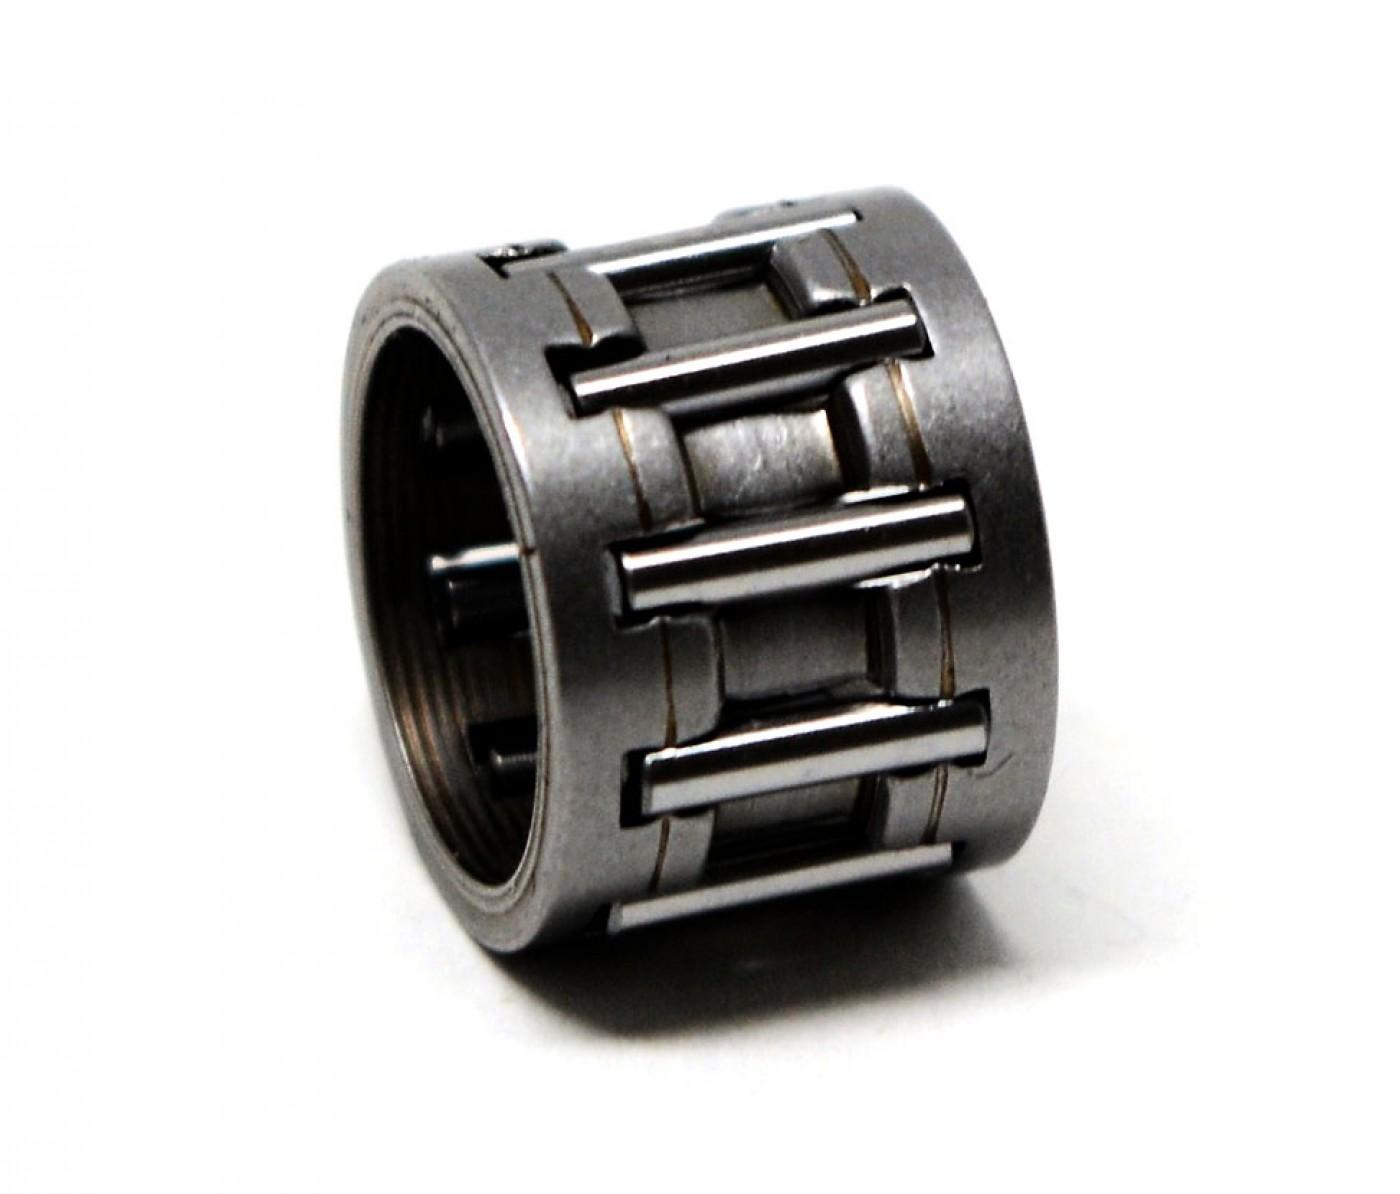 Ložisko řetězky Stihl MS170 MS180 017 018